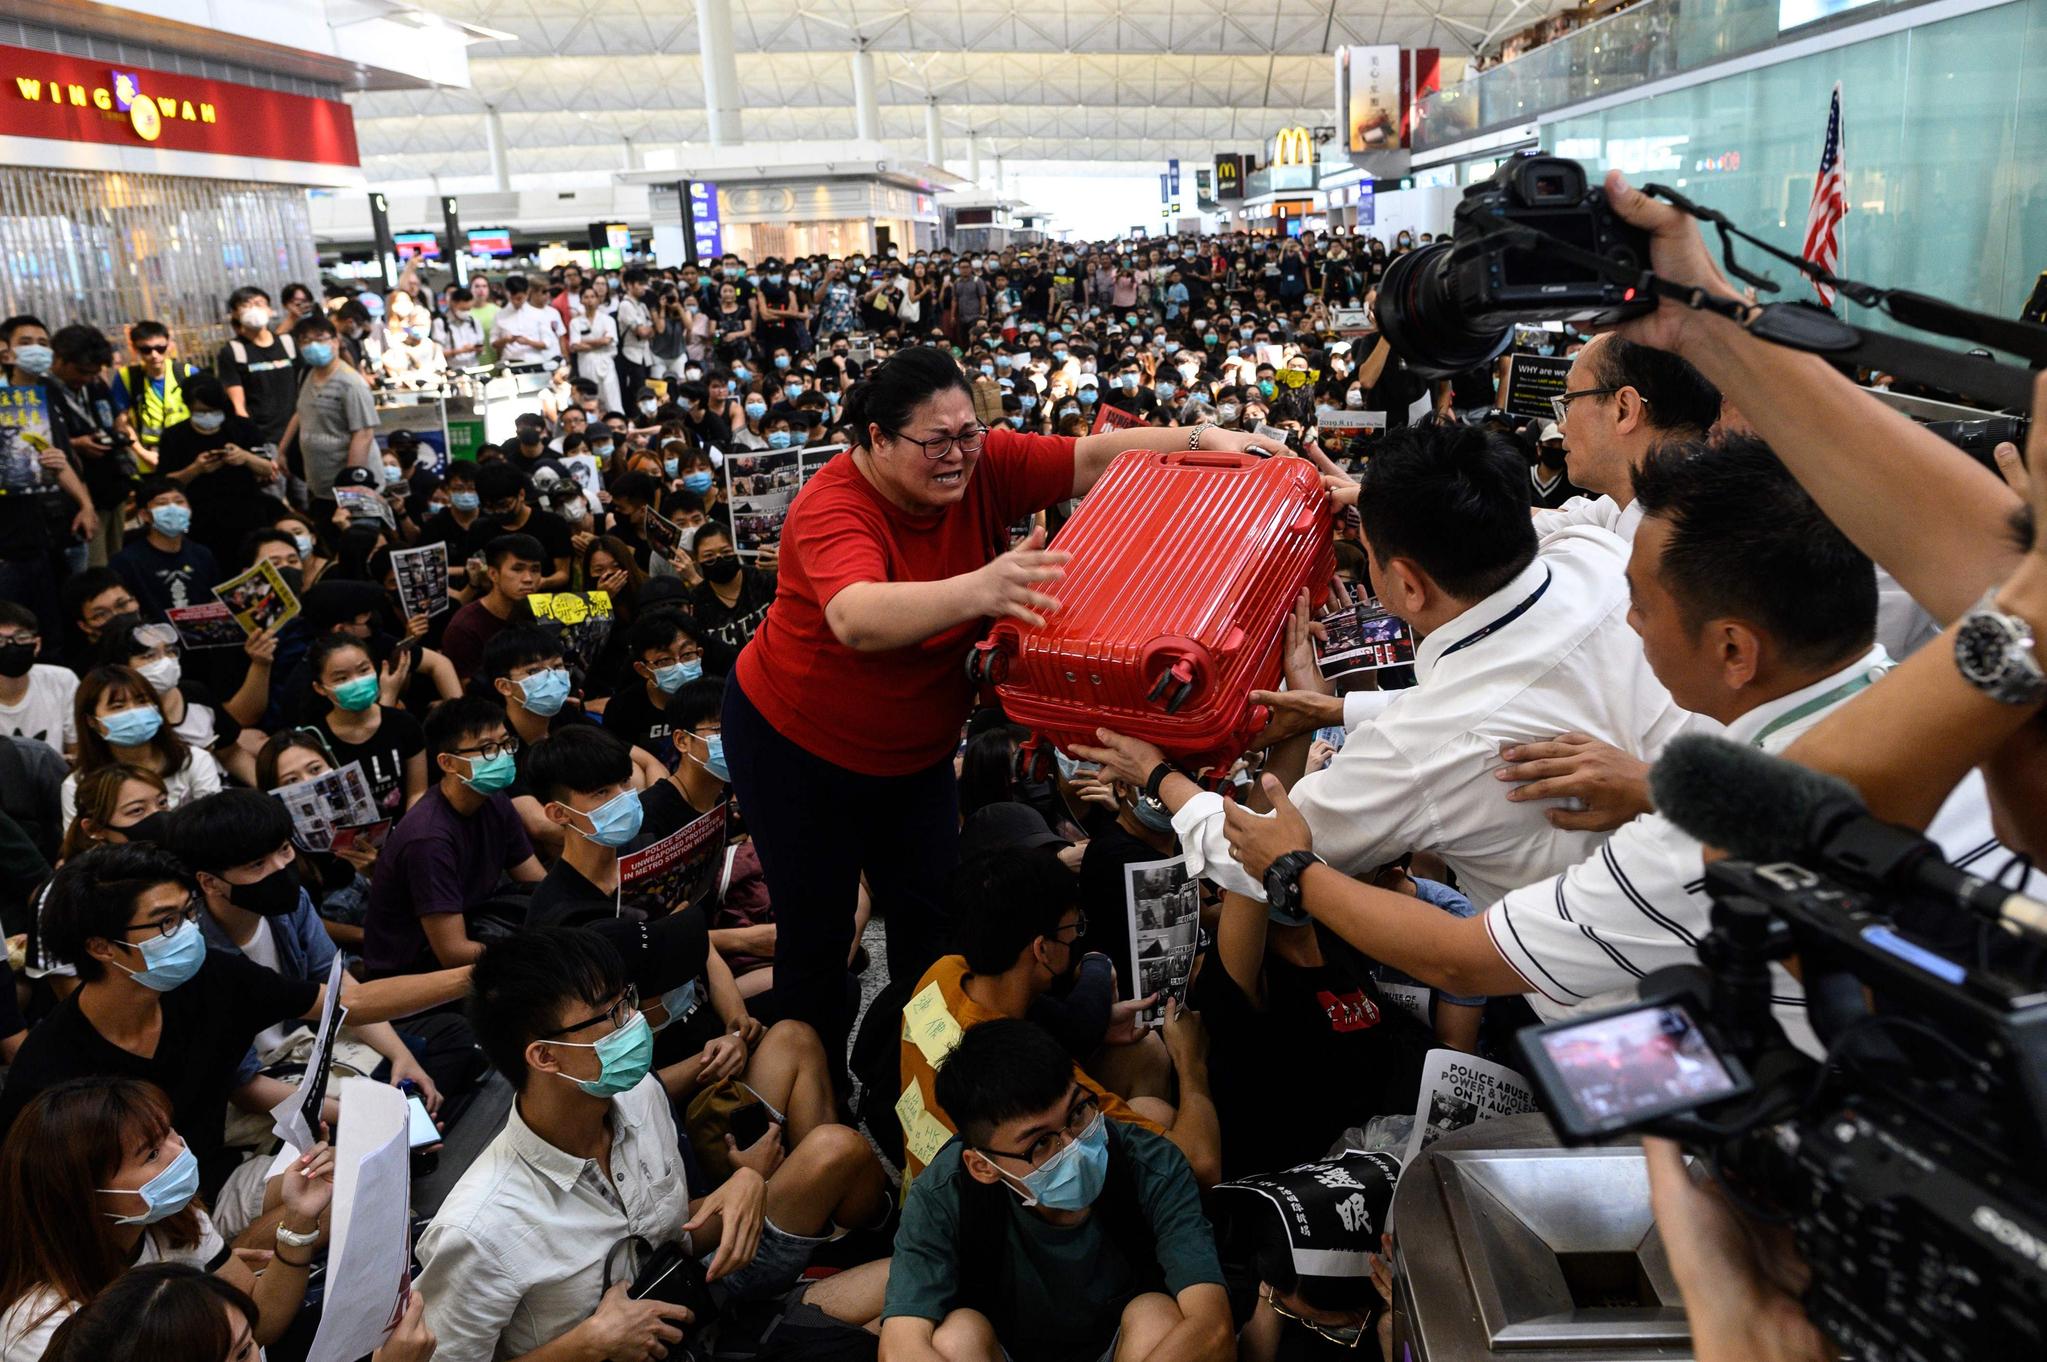 한 여행객이 13일 홍콩국제공항에서 시위대 사이를 힘들게 지나 출국 게이트 앞에서 공항 직원들의 도움을 받고 있다. [AFP=연합뉴스]